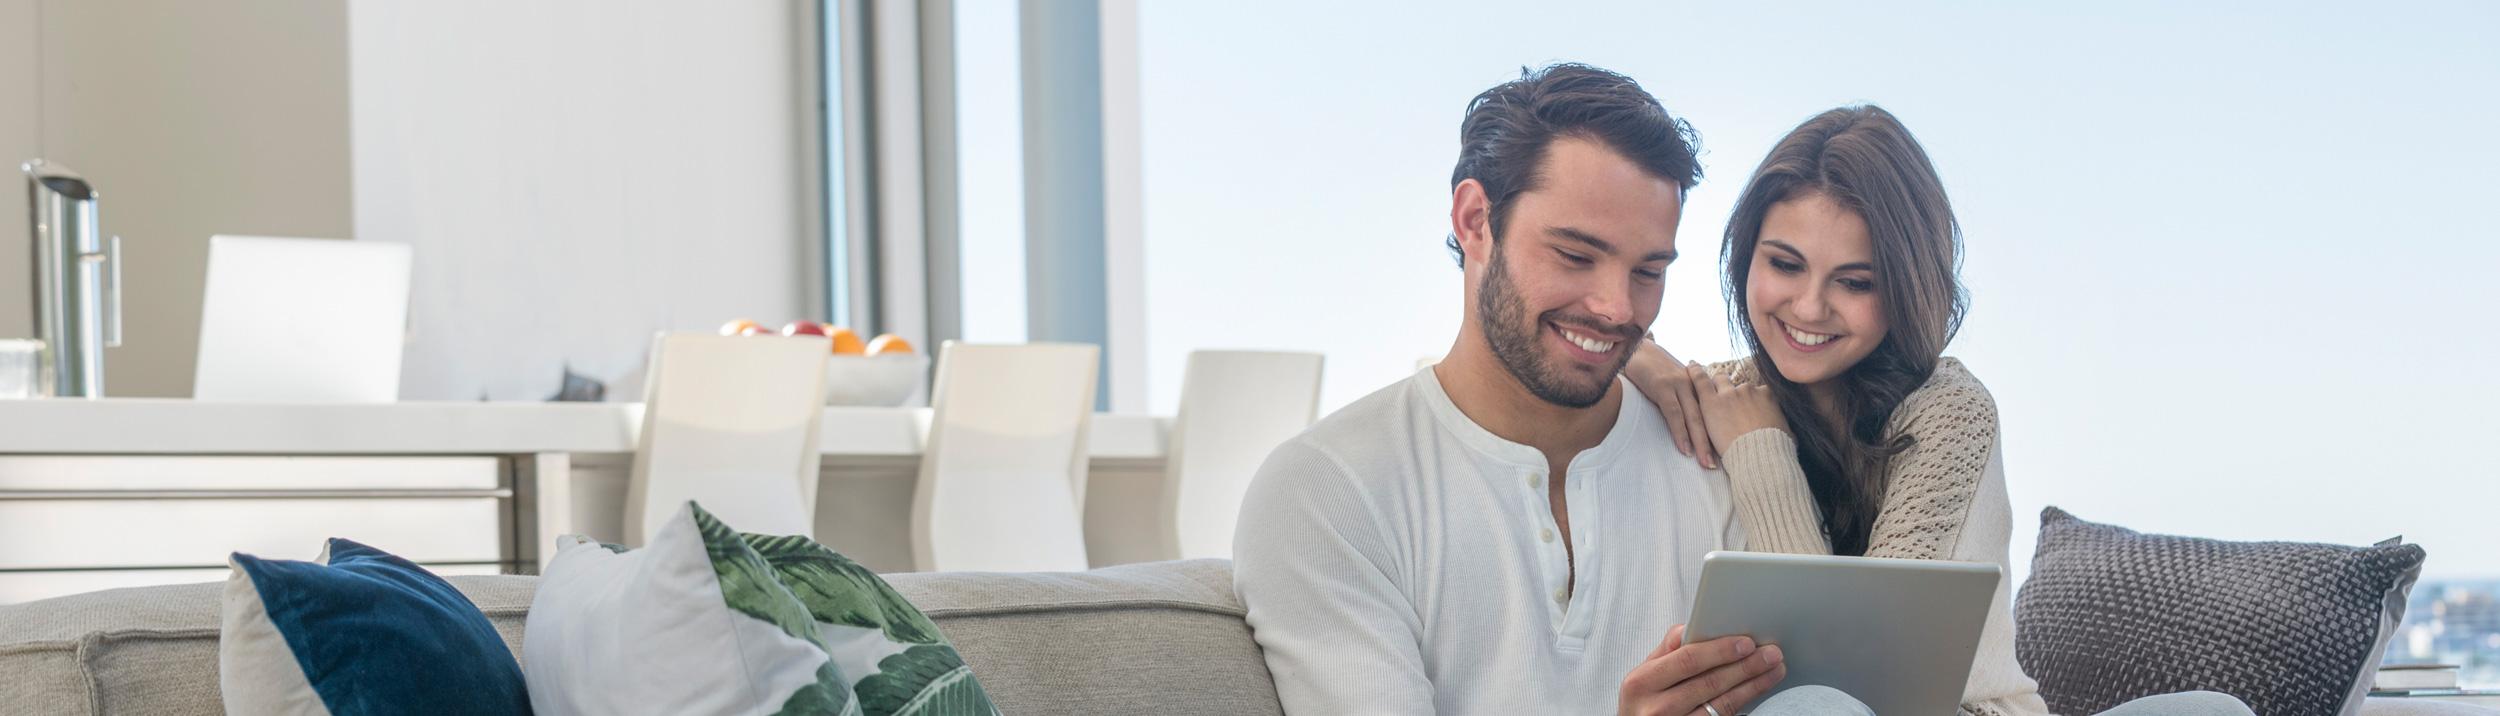 Ein Paar sitzt auf dem Sofa, schaut auf ein Tablett und lächelt. Wohliges Zuhause dank Heizungen der Firma Haesler AG.